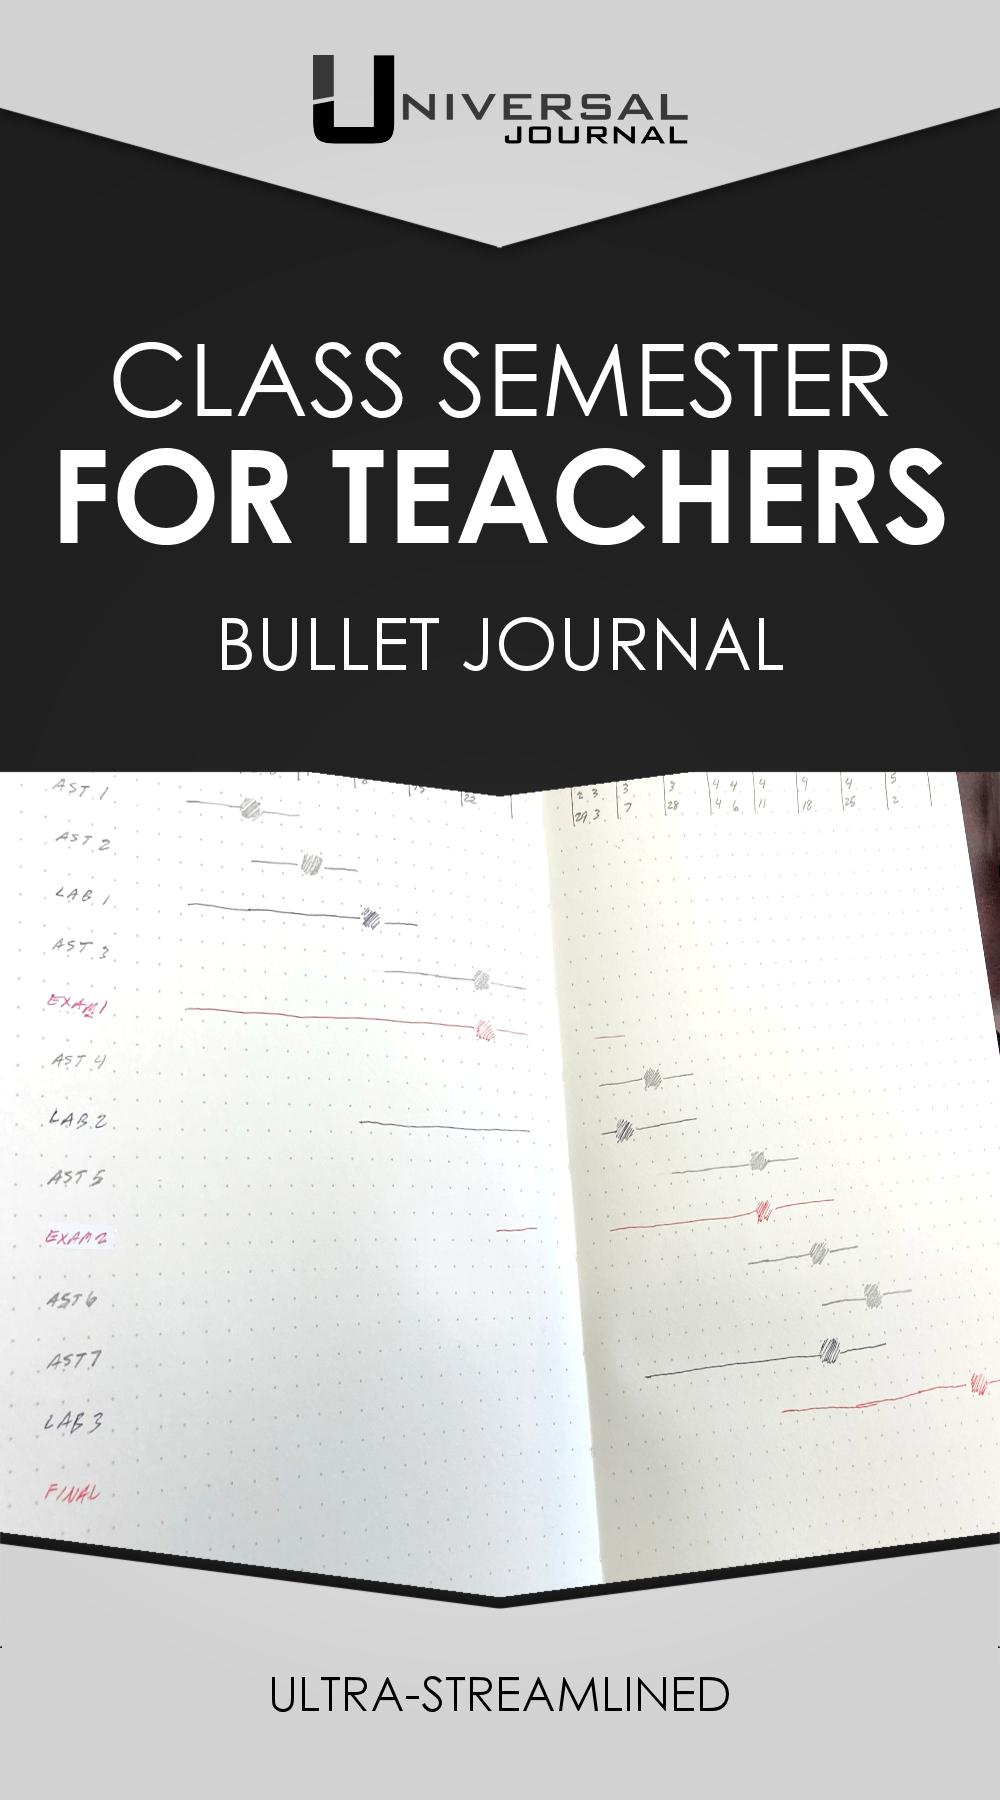 Class Semester for Teachers bullet journal